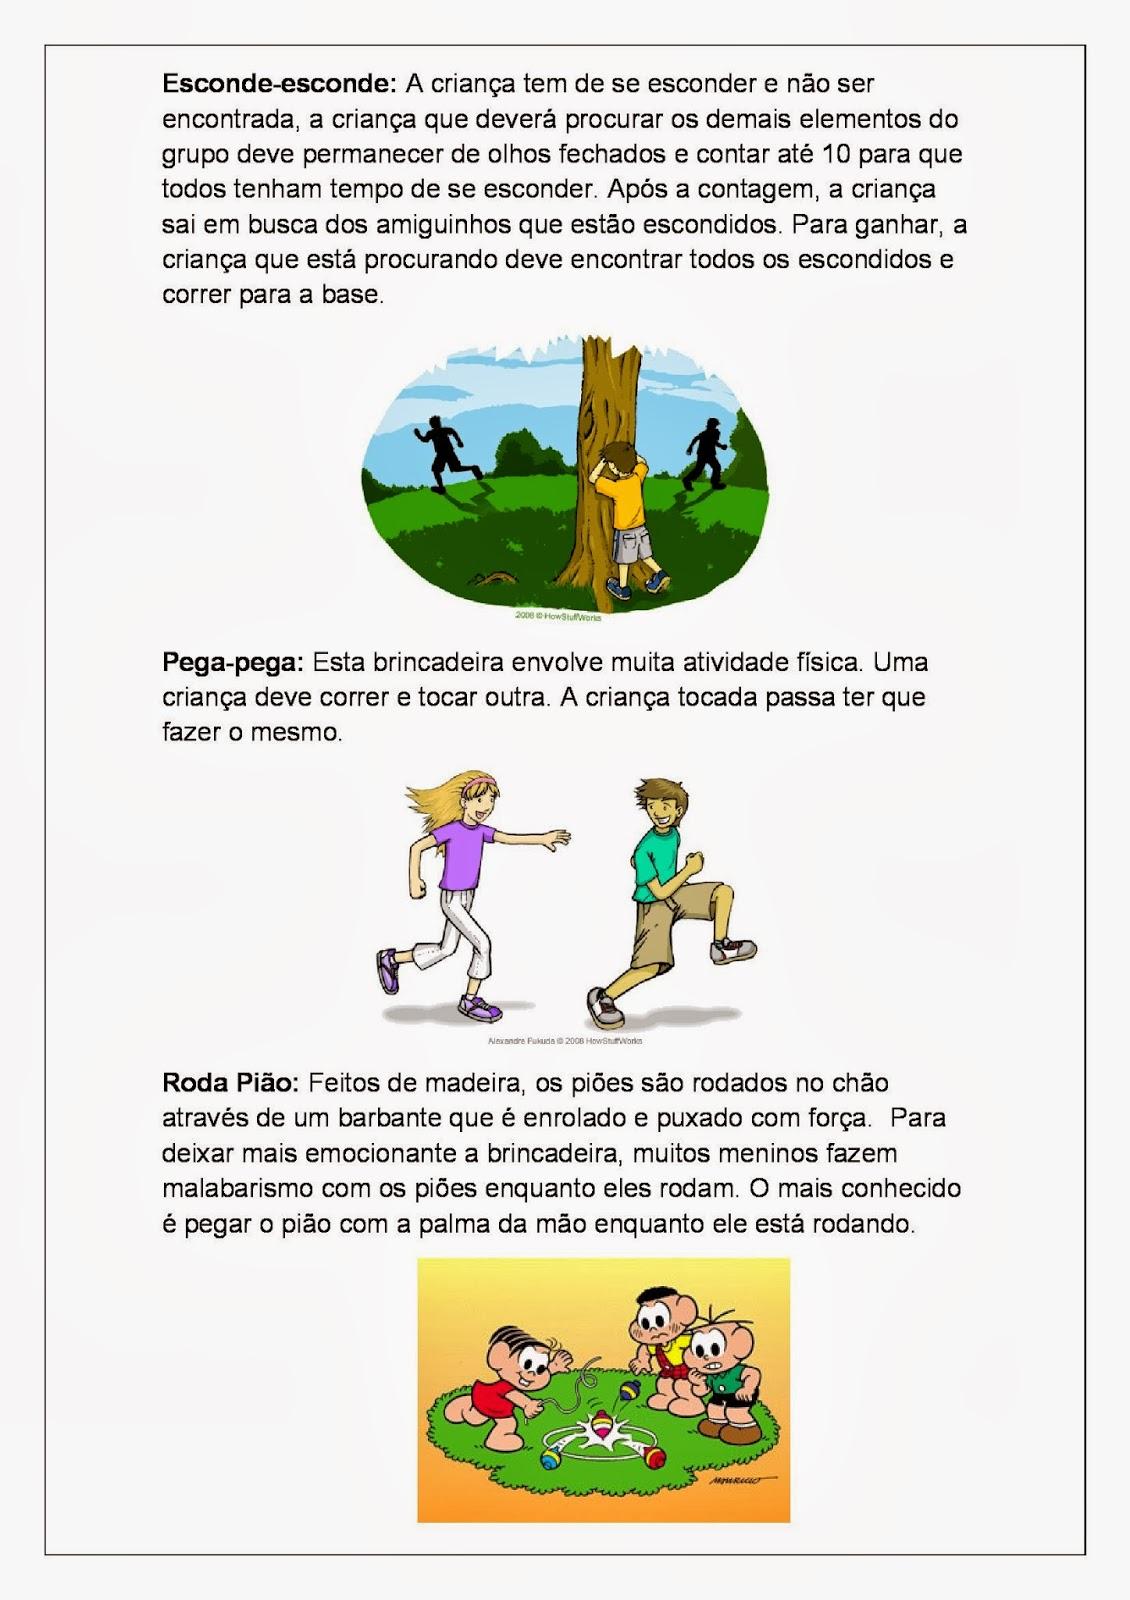 Brincadeiras Folclóricas - Folclore para imprimir